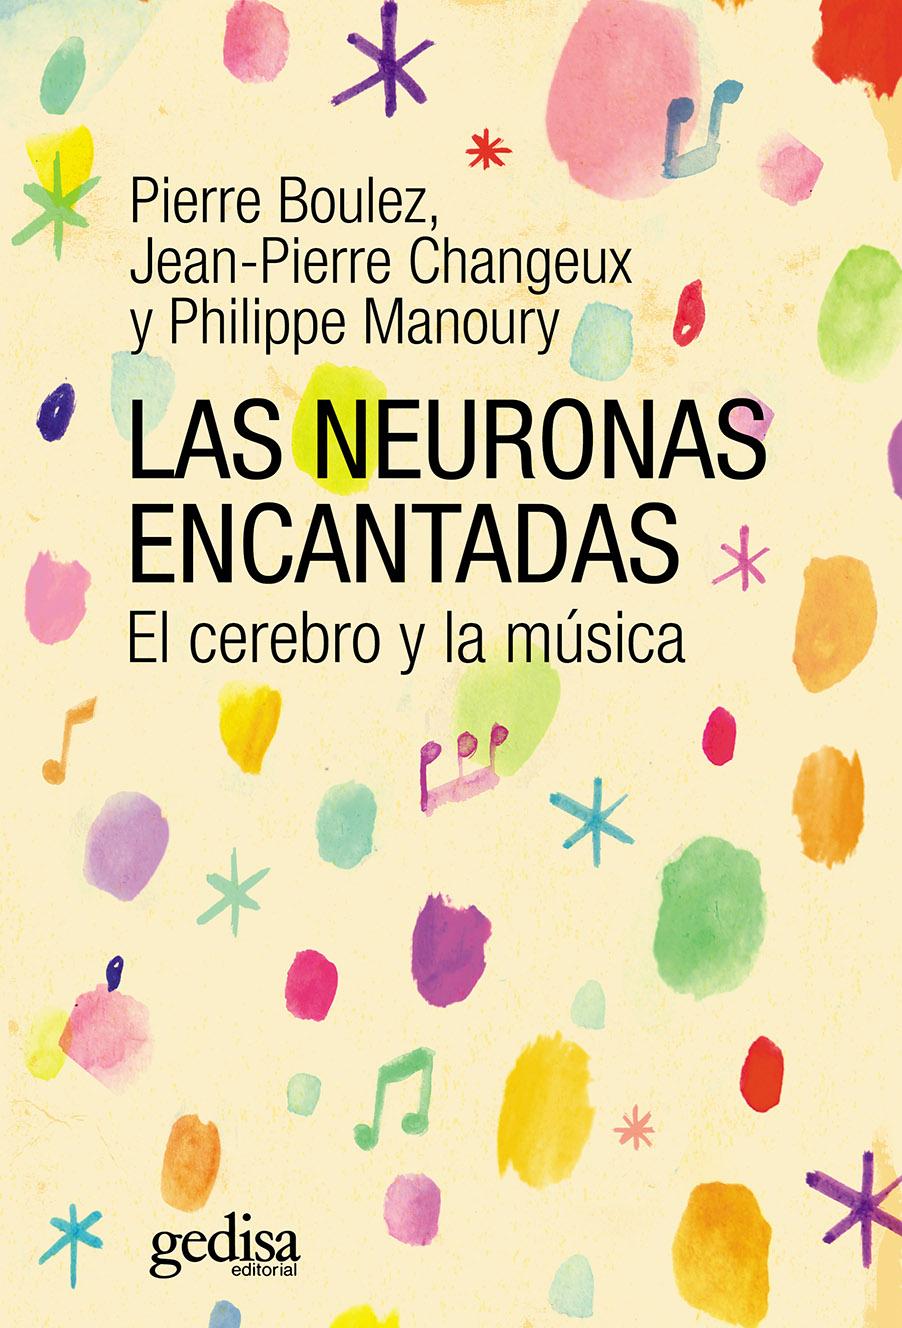 Las neuronas encantadas: el cerebro y la música.